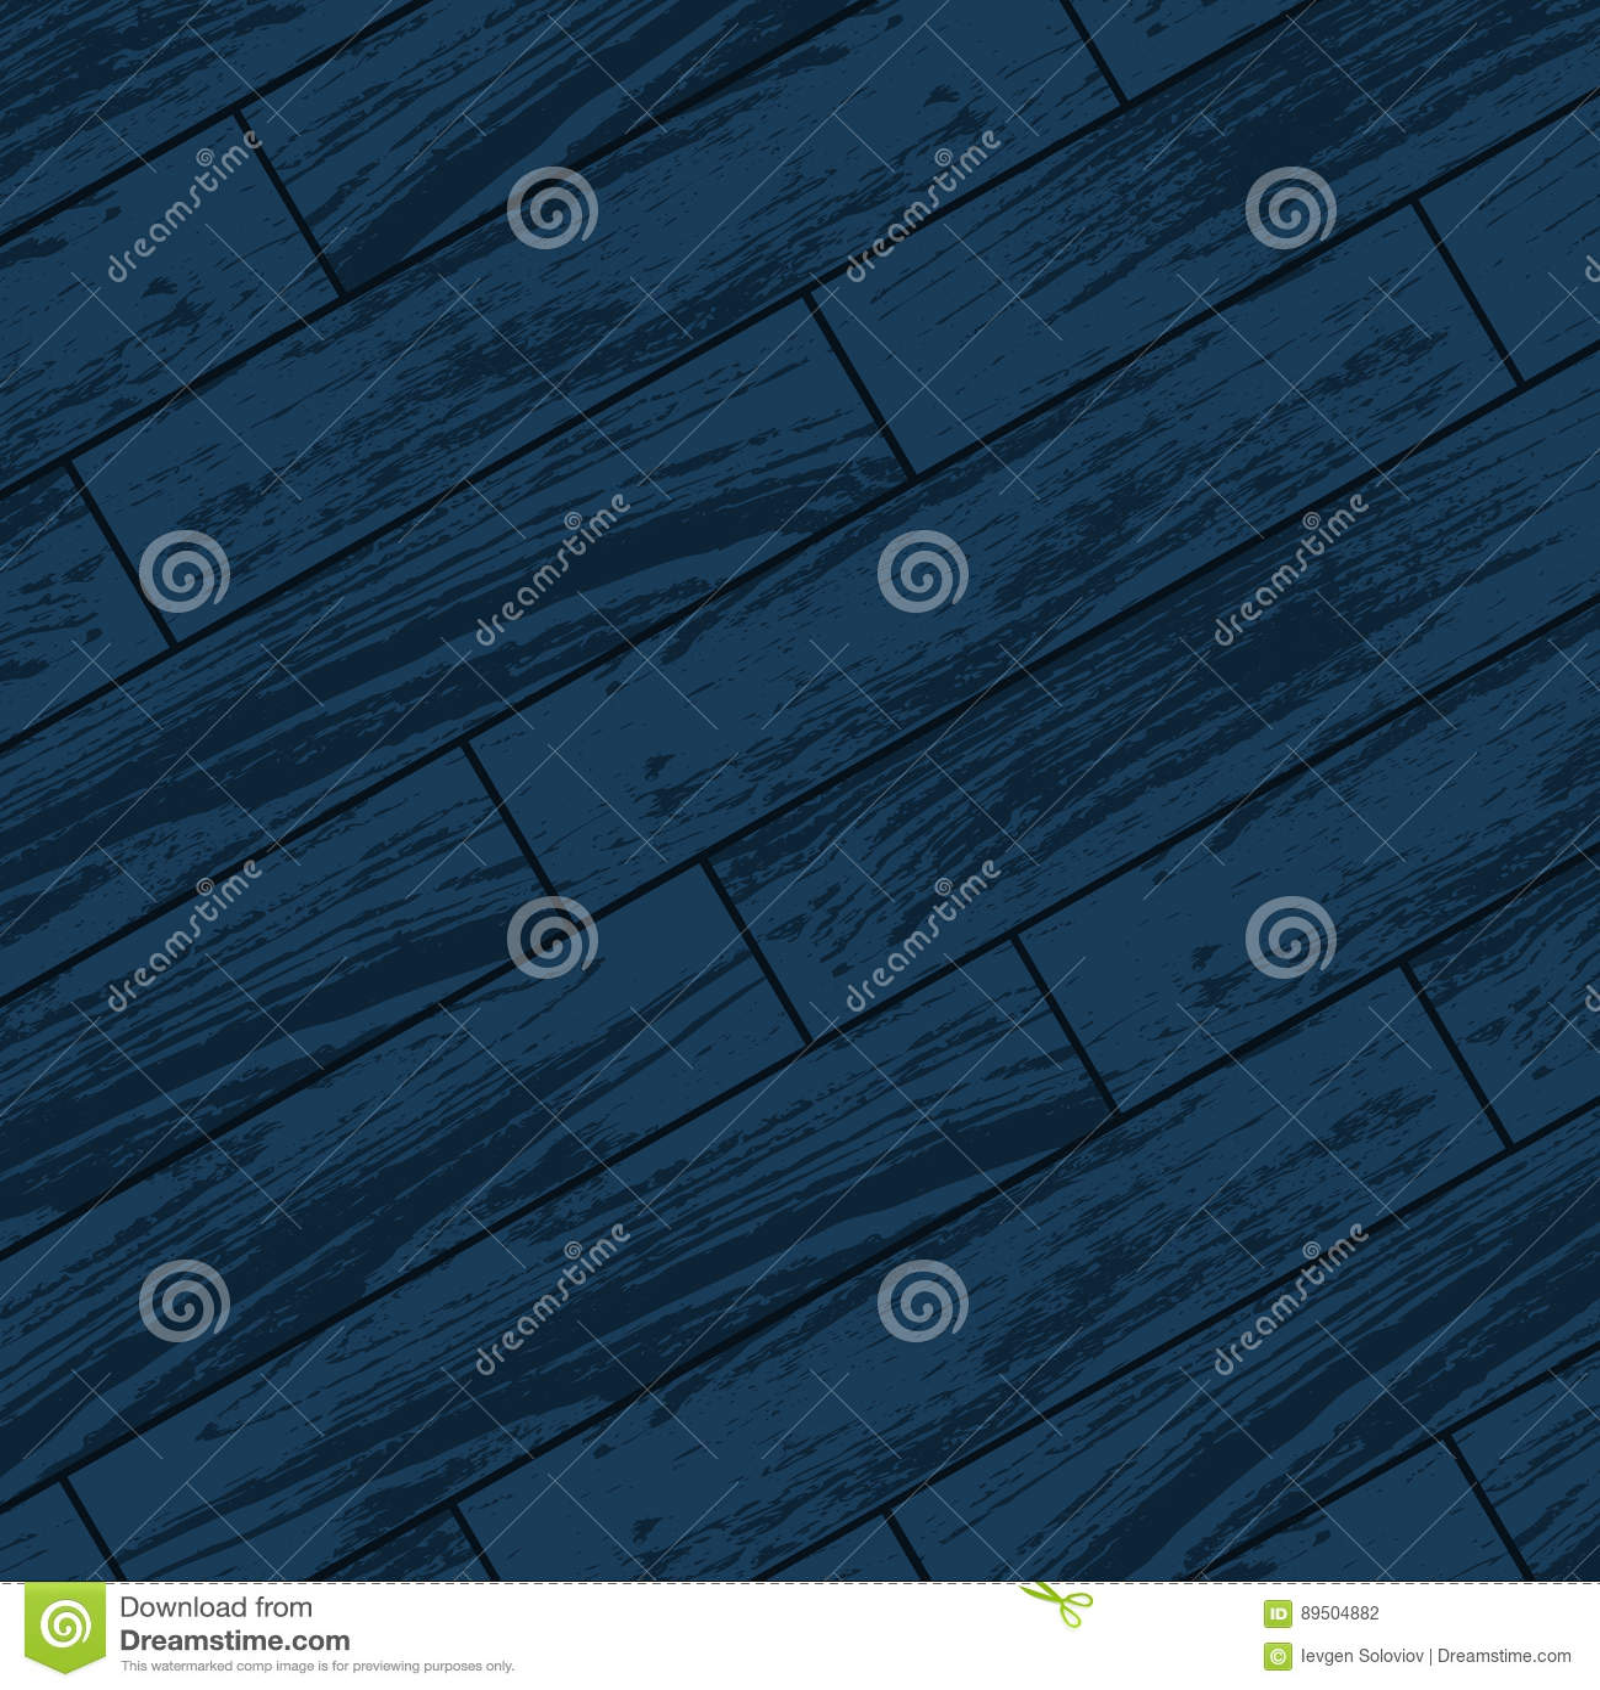 Jeune Parquet en bois bleu-foncé illustration de vecteur. Illustration TT-12